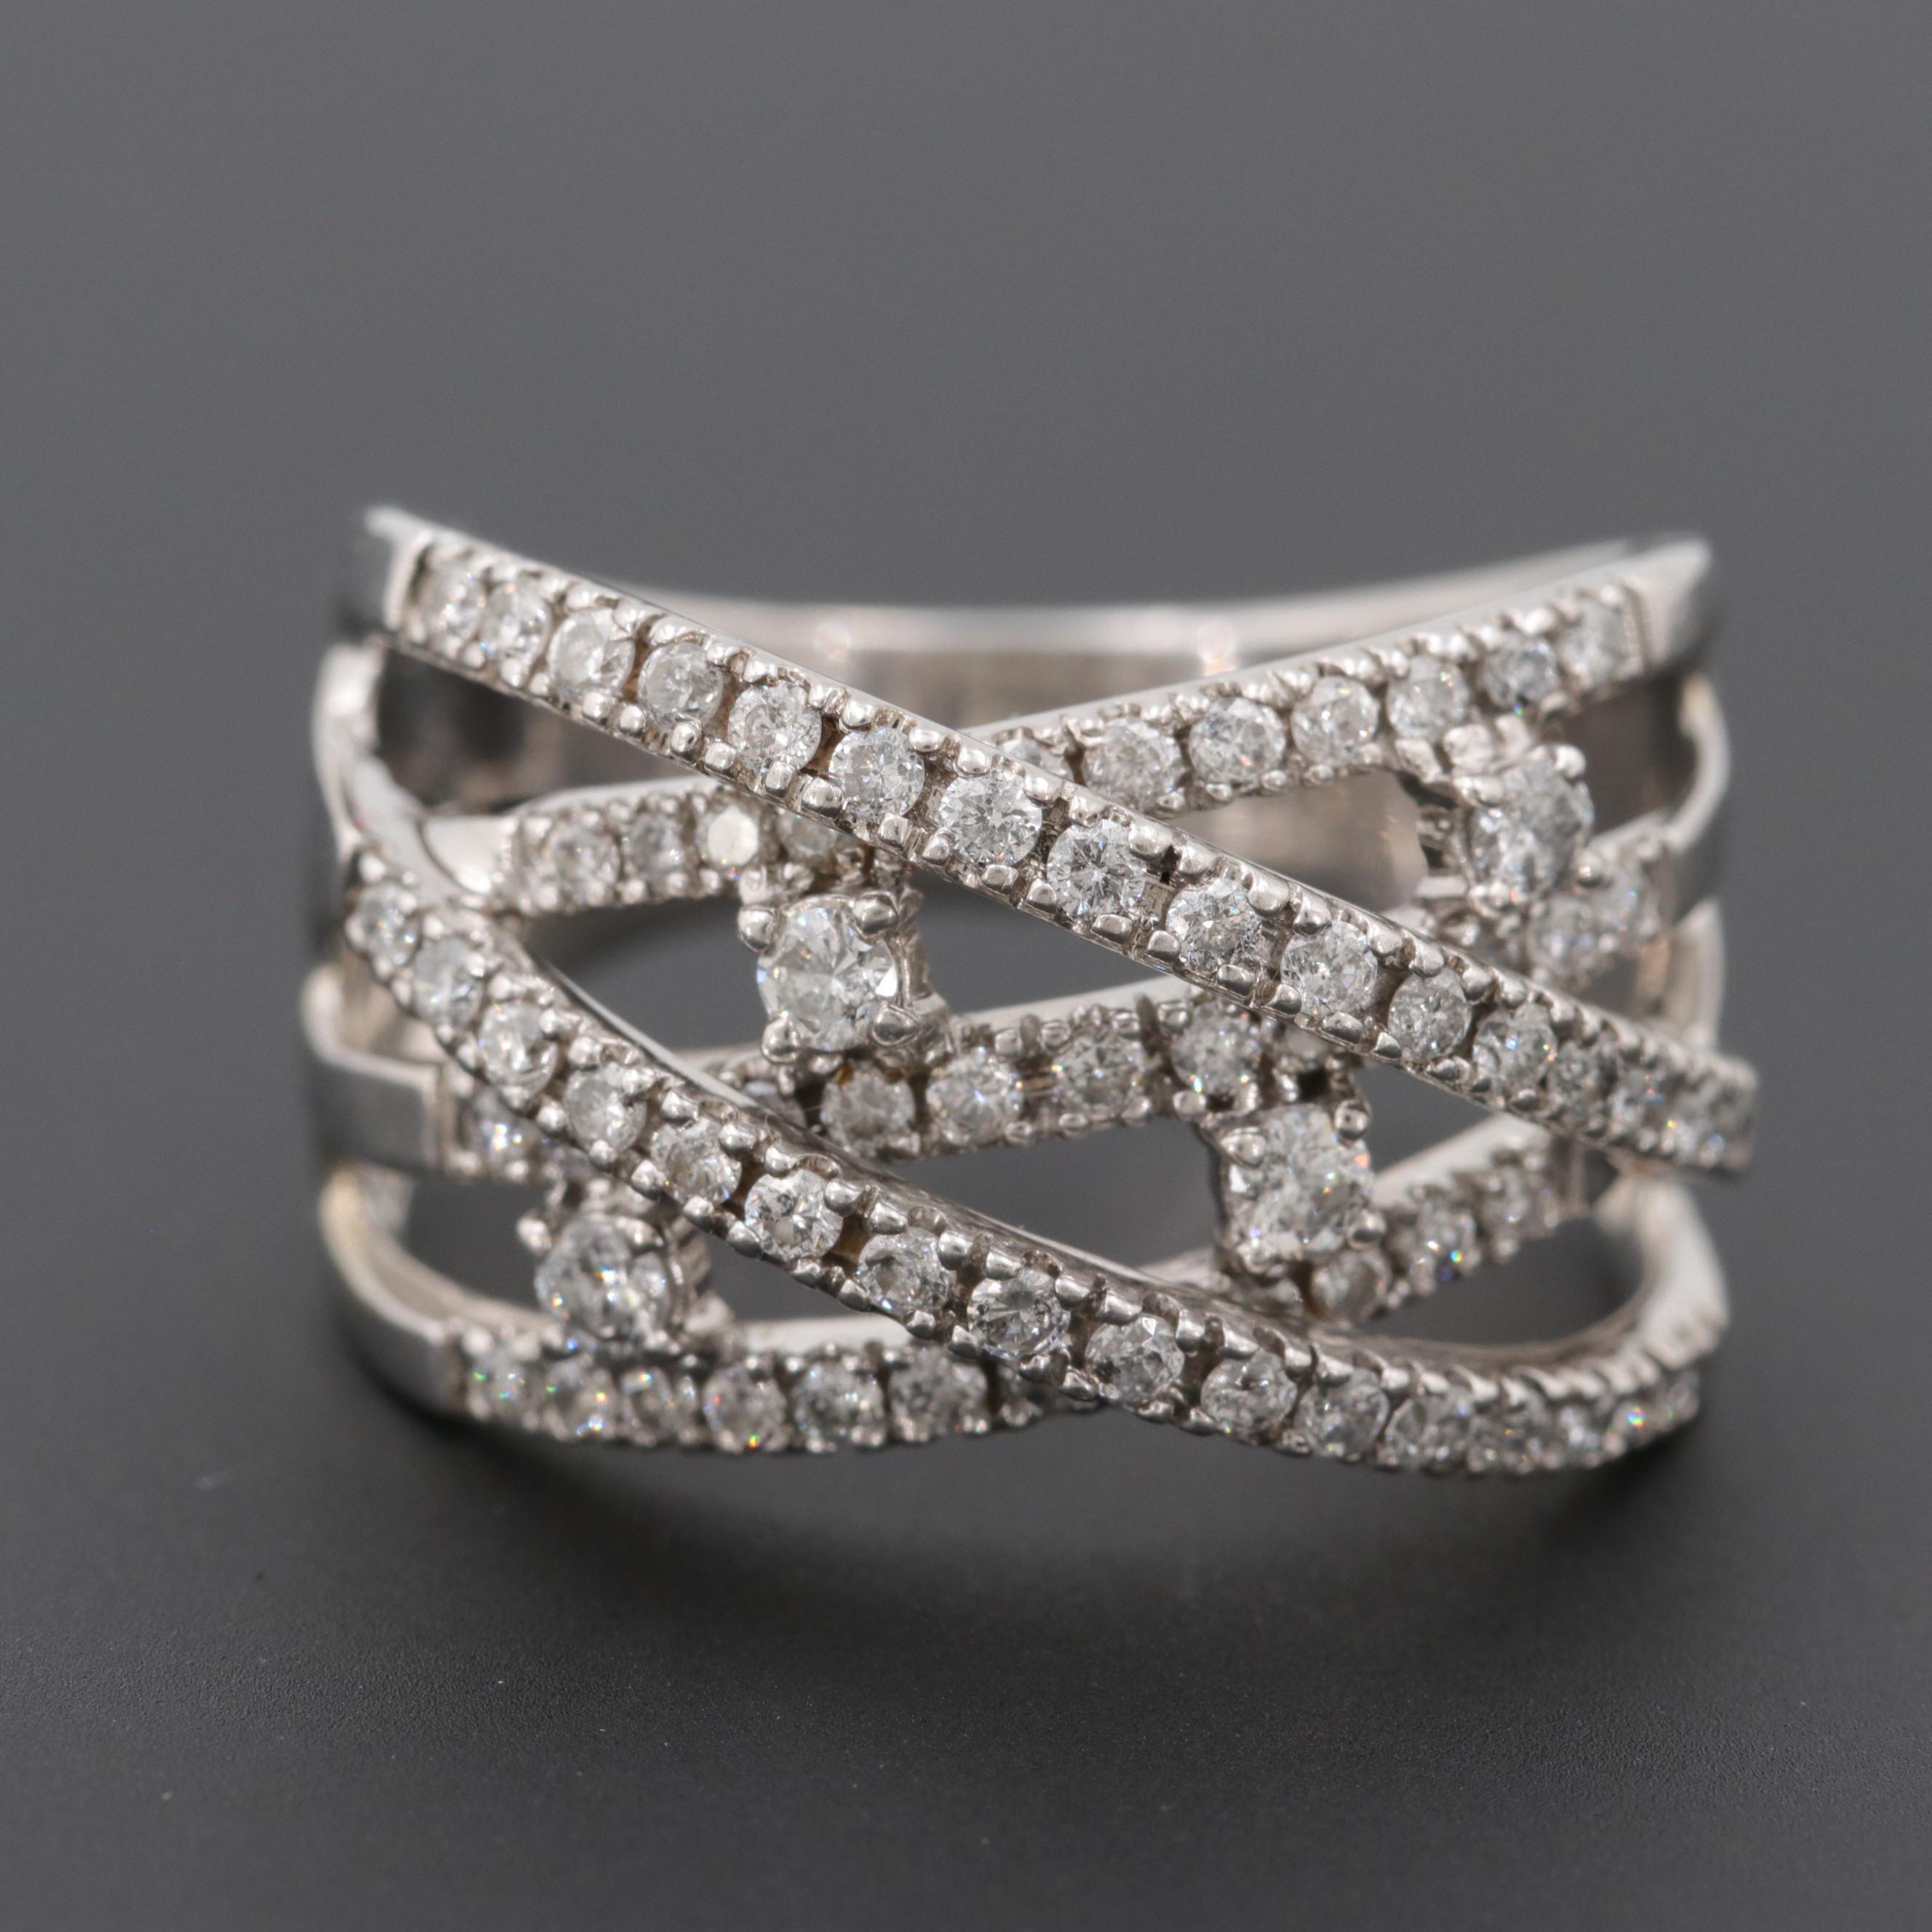 14K White Gold 1.00 CTW Diamond Cross-Over Ring